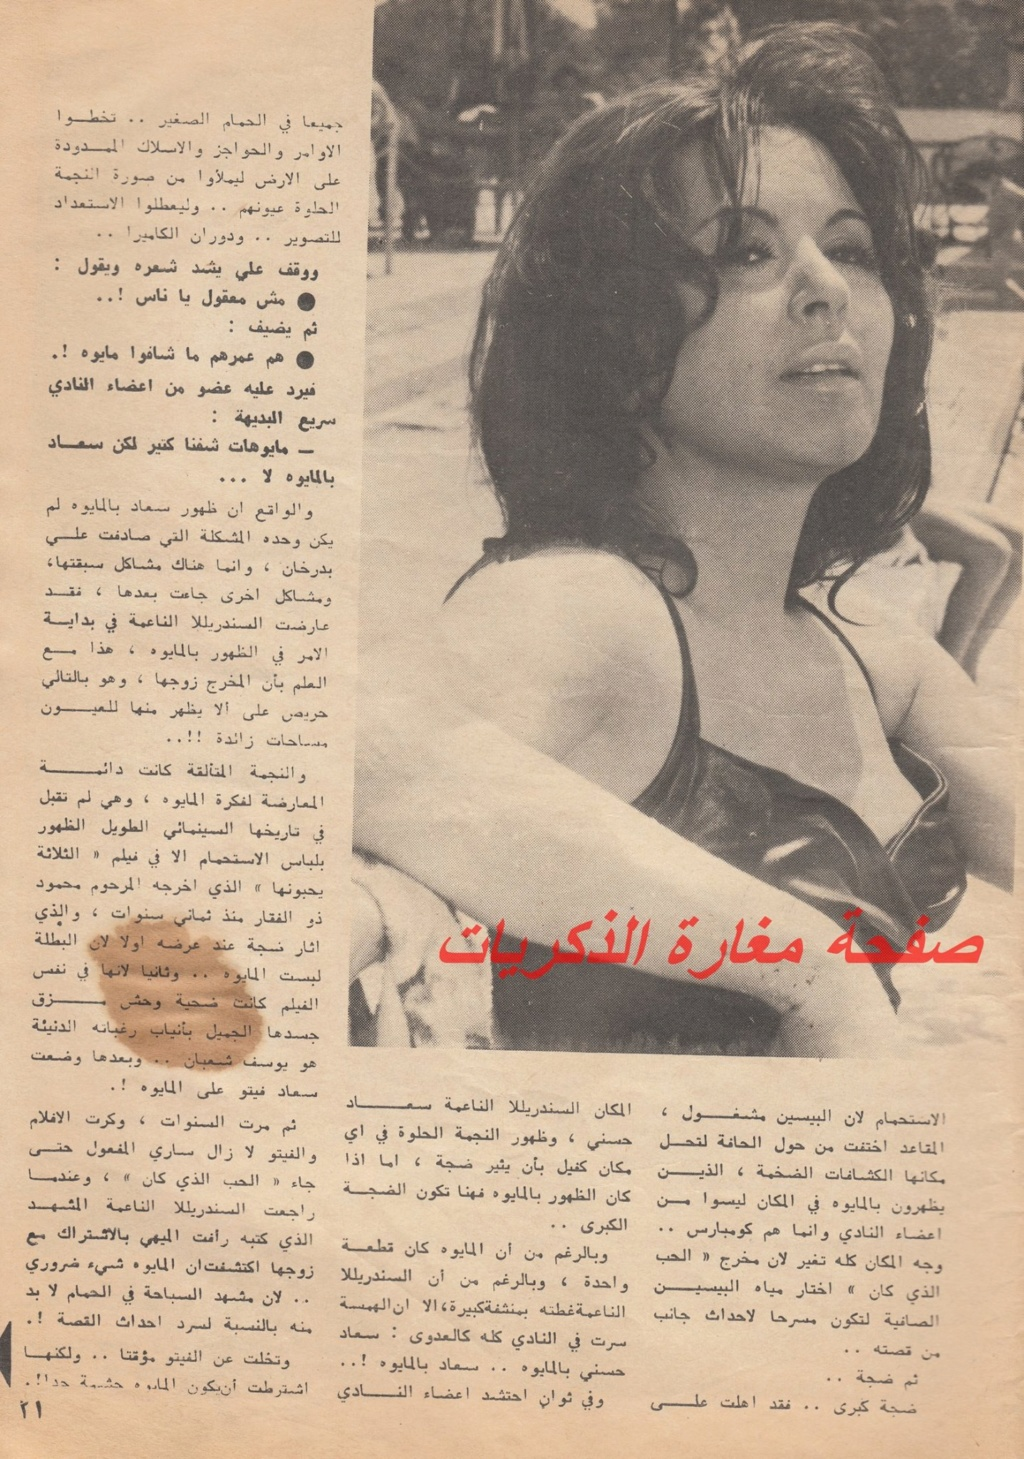 مقال - مقال صحفي : الكاميرا لاتدور عندما تظهر سعاد حسني بالمايوه 1971 م 2163